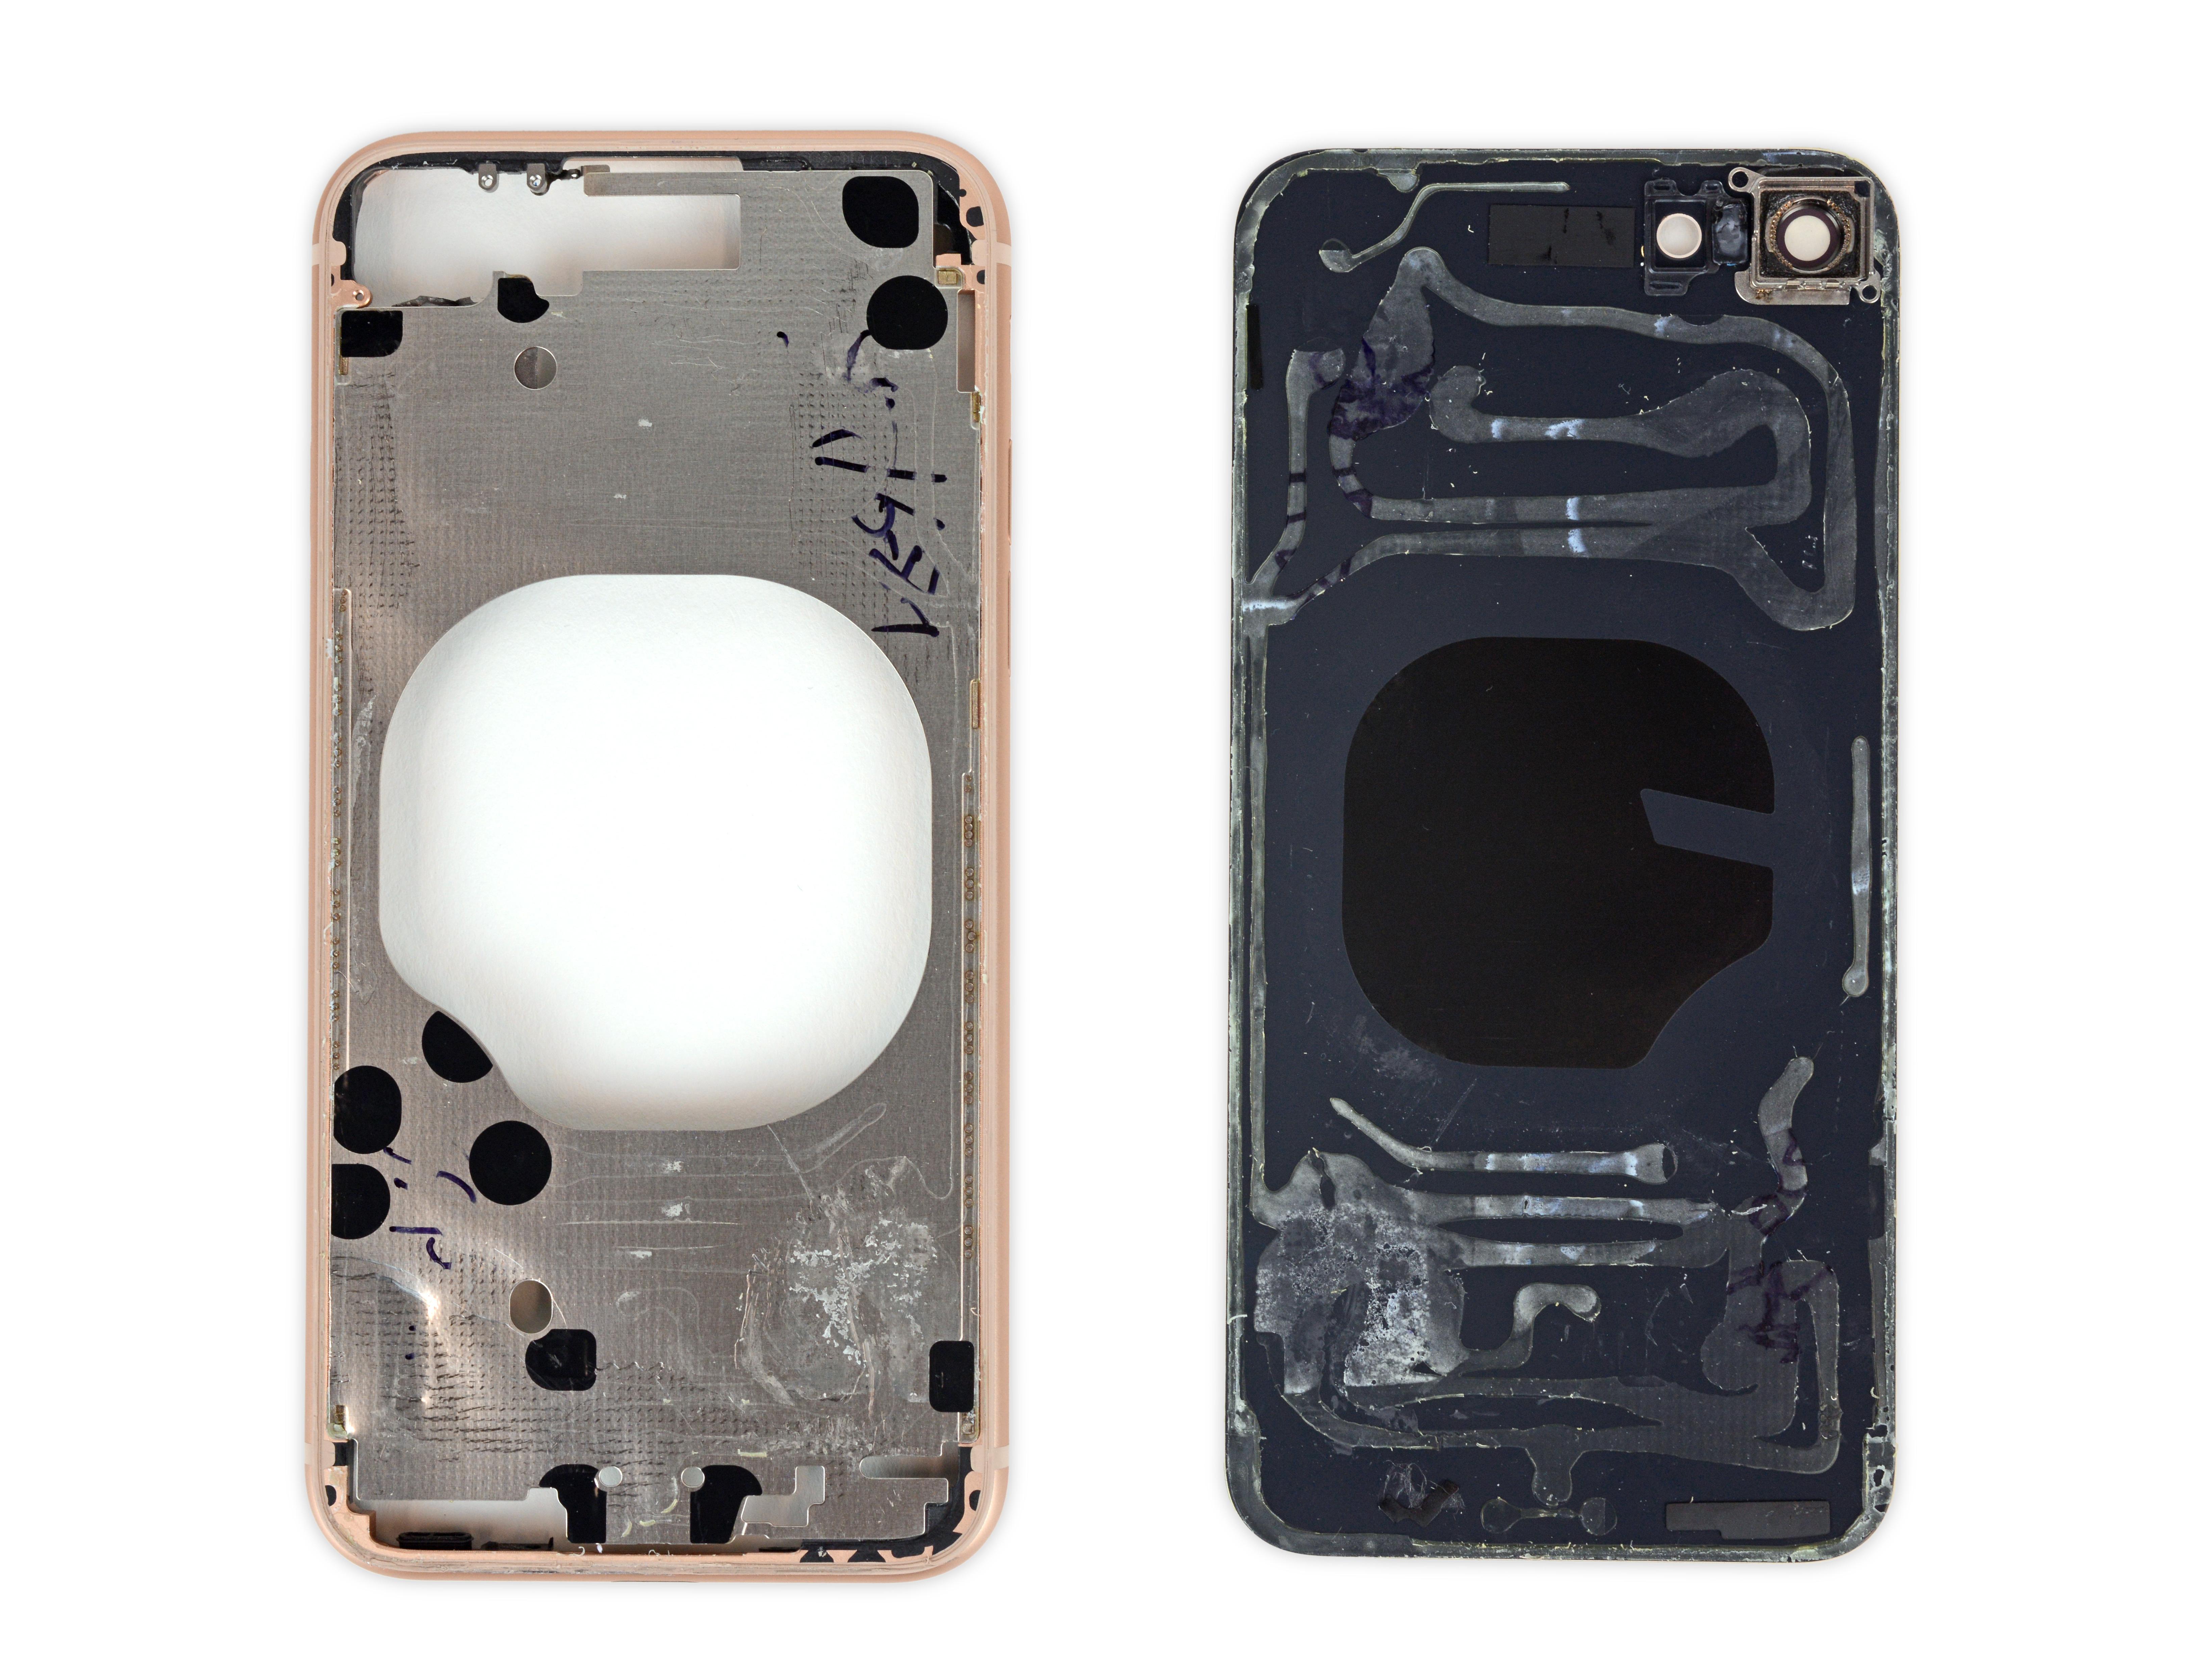 Malla en la zona de carga inalámbrica del iPhone 8